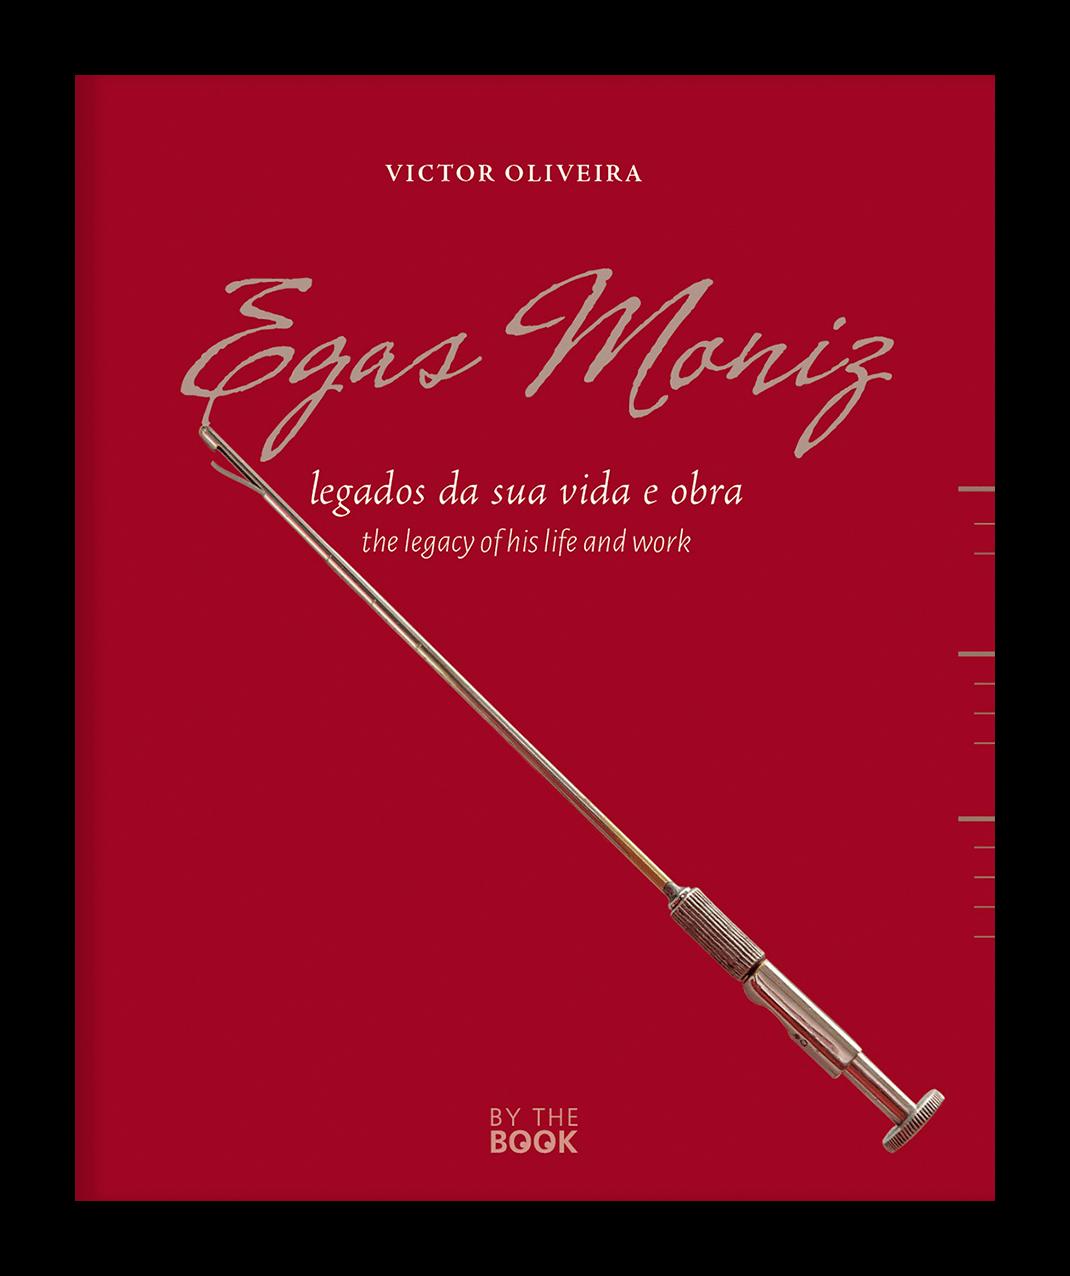 Egas Moniz, legados da sua vida e obra